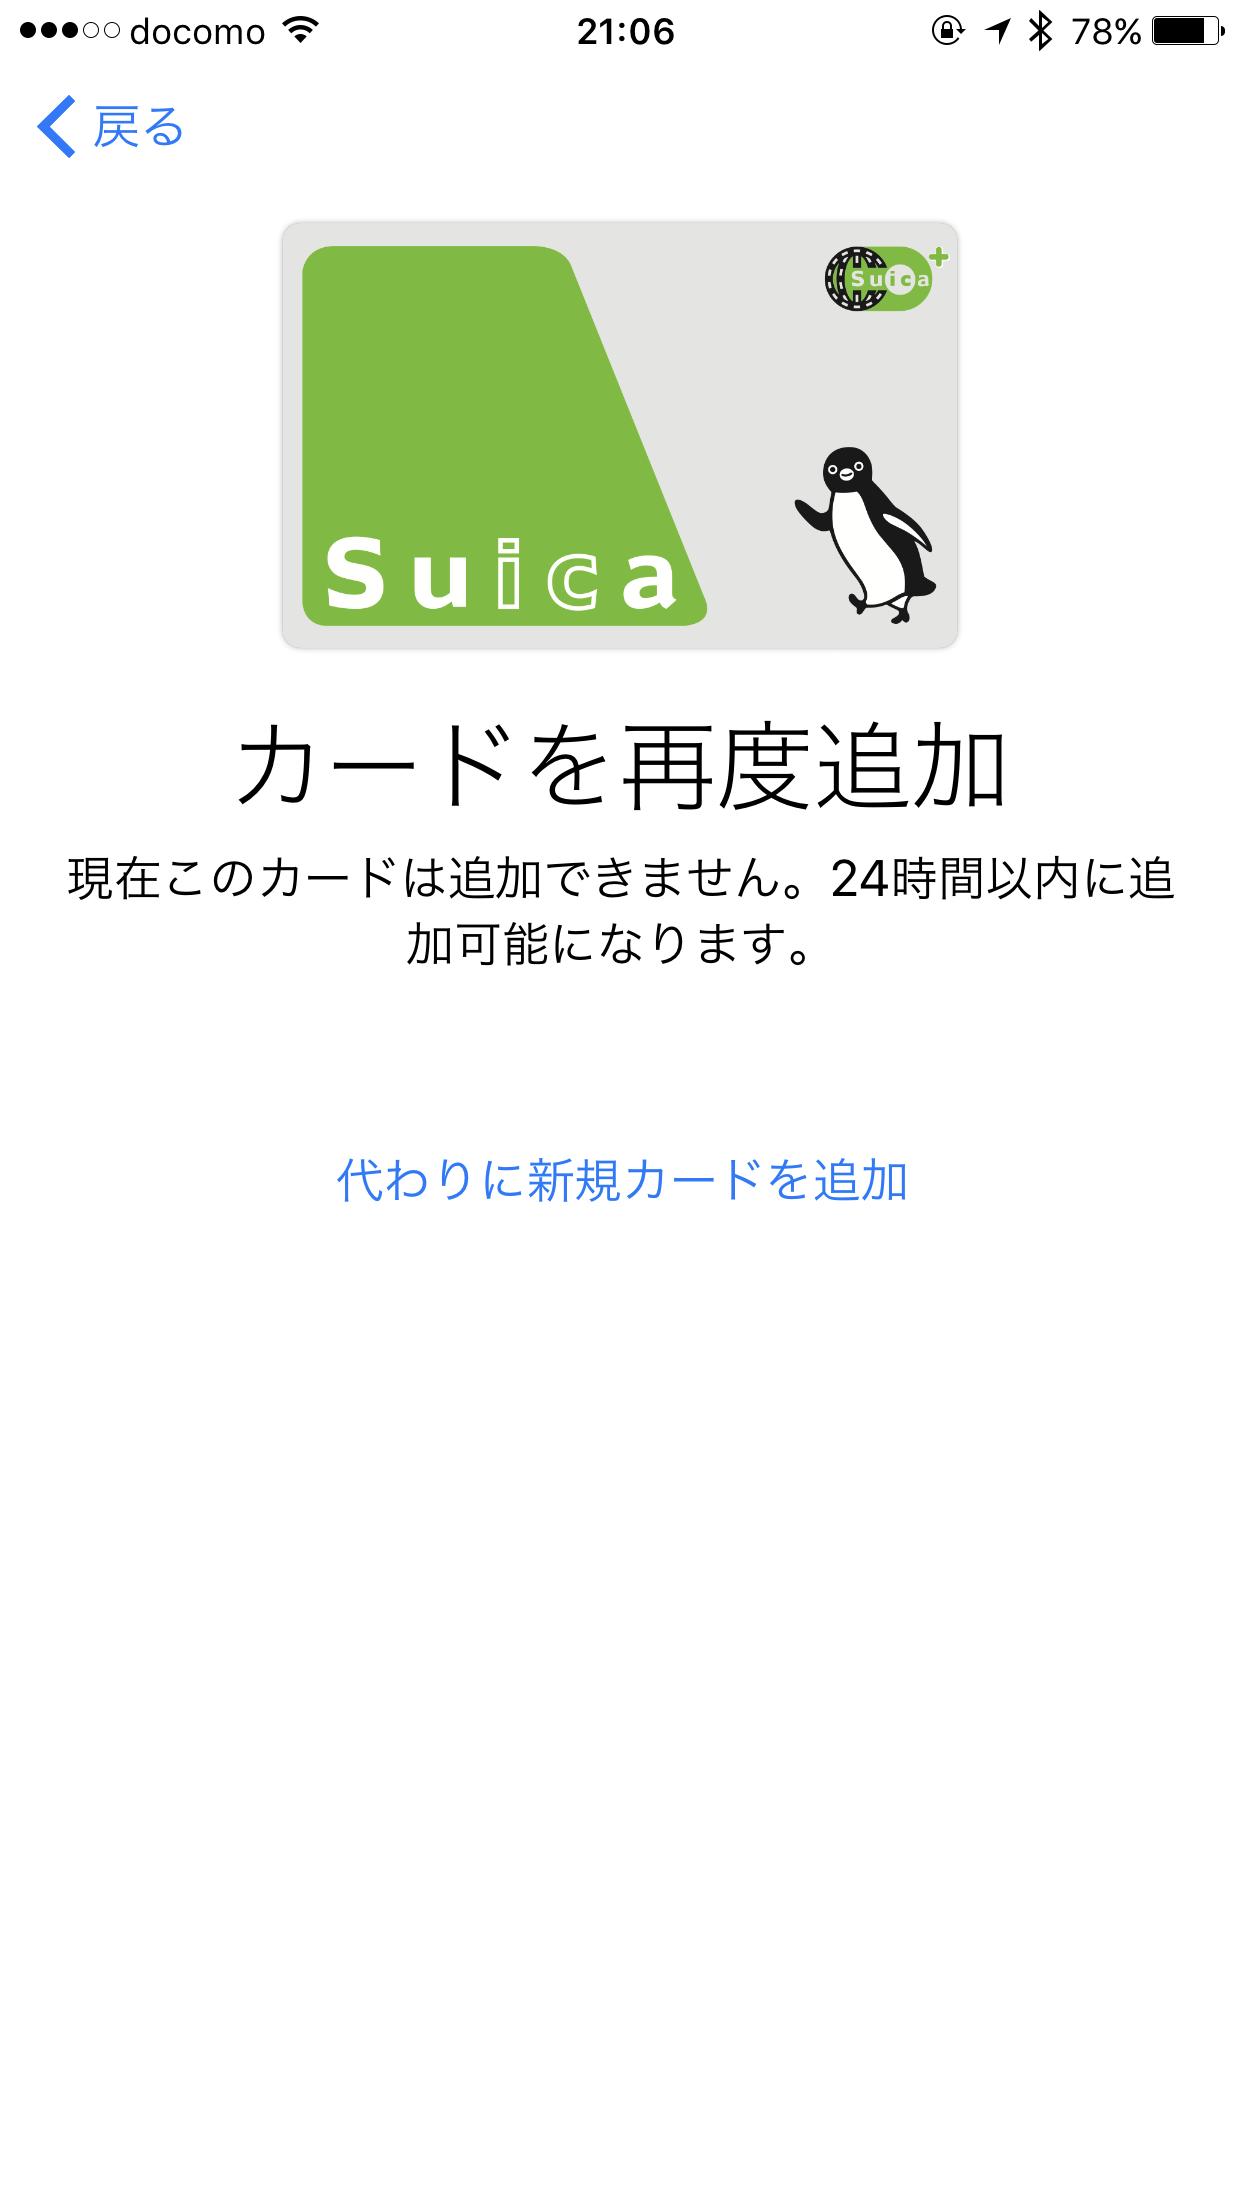 Suica入りのiPhoneをリカバリーしたところ、時間はかかりましたが、Suicaを再追加できました。残高もそのまま。紛失しても取り戻せるのはありがたいところです